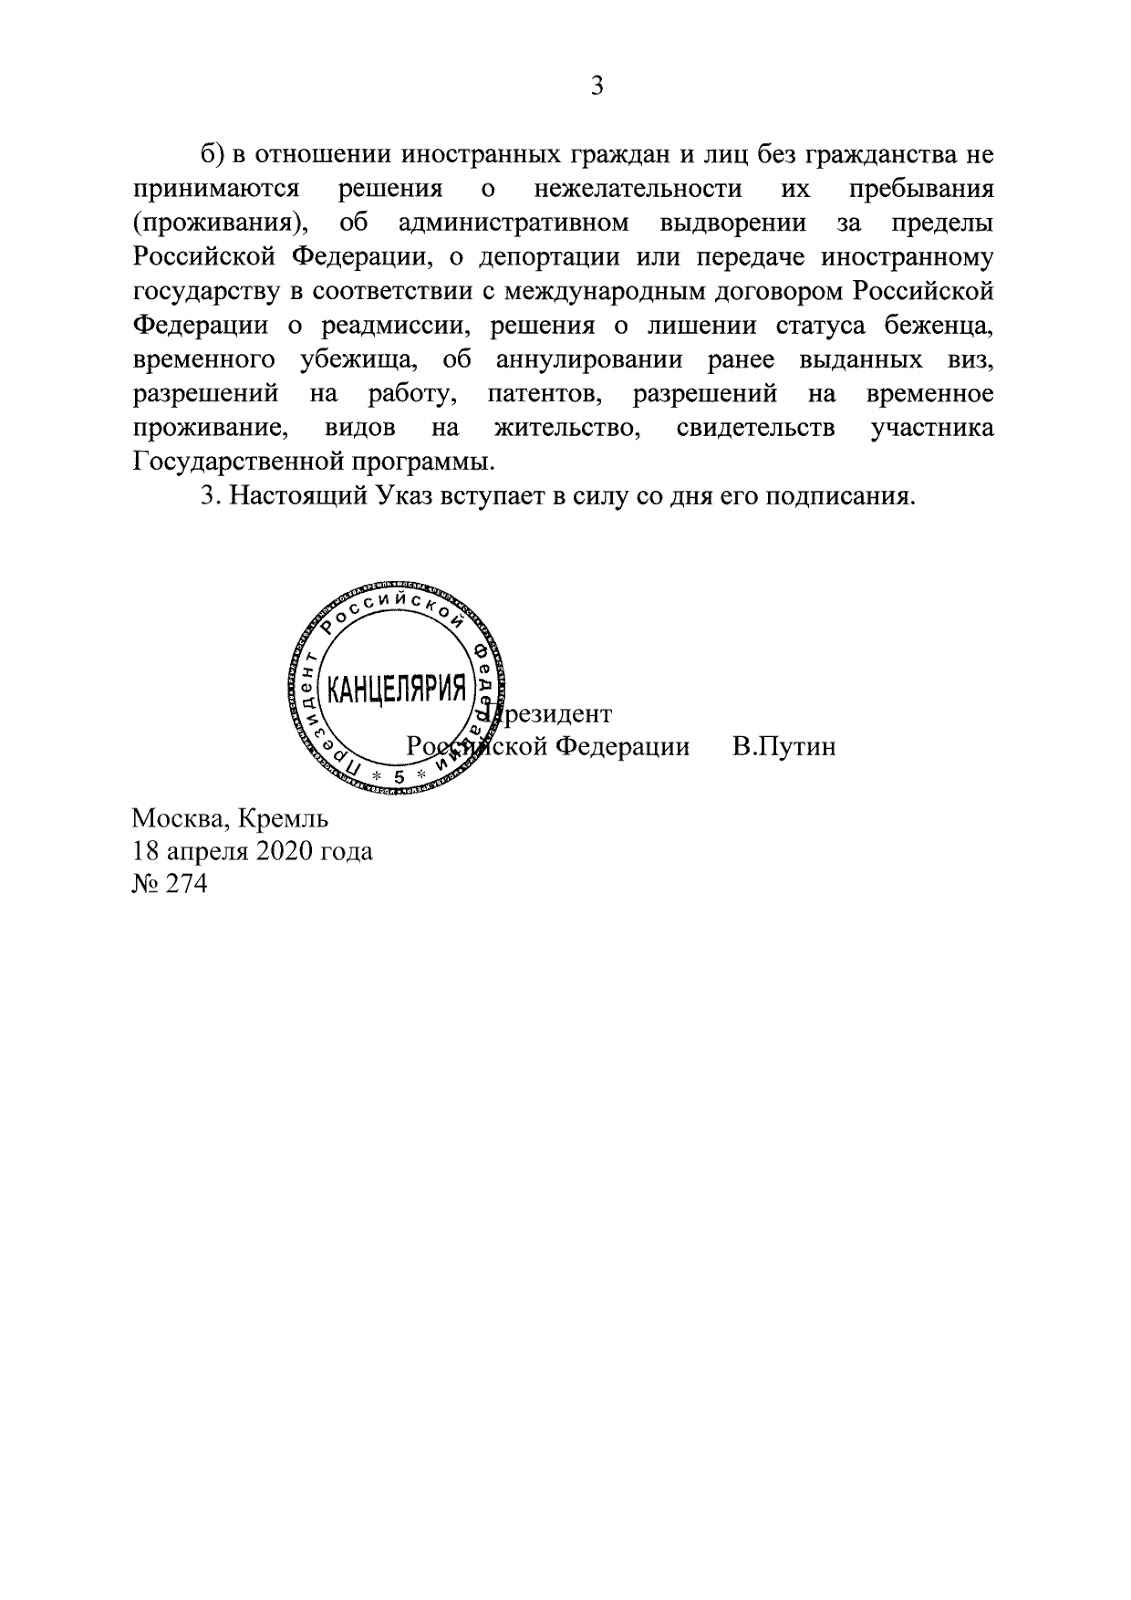 Указ Президента РФ № 274 от 18.04.2020 - 3